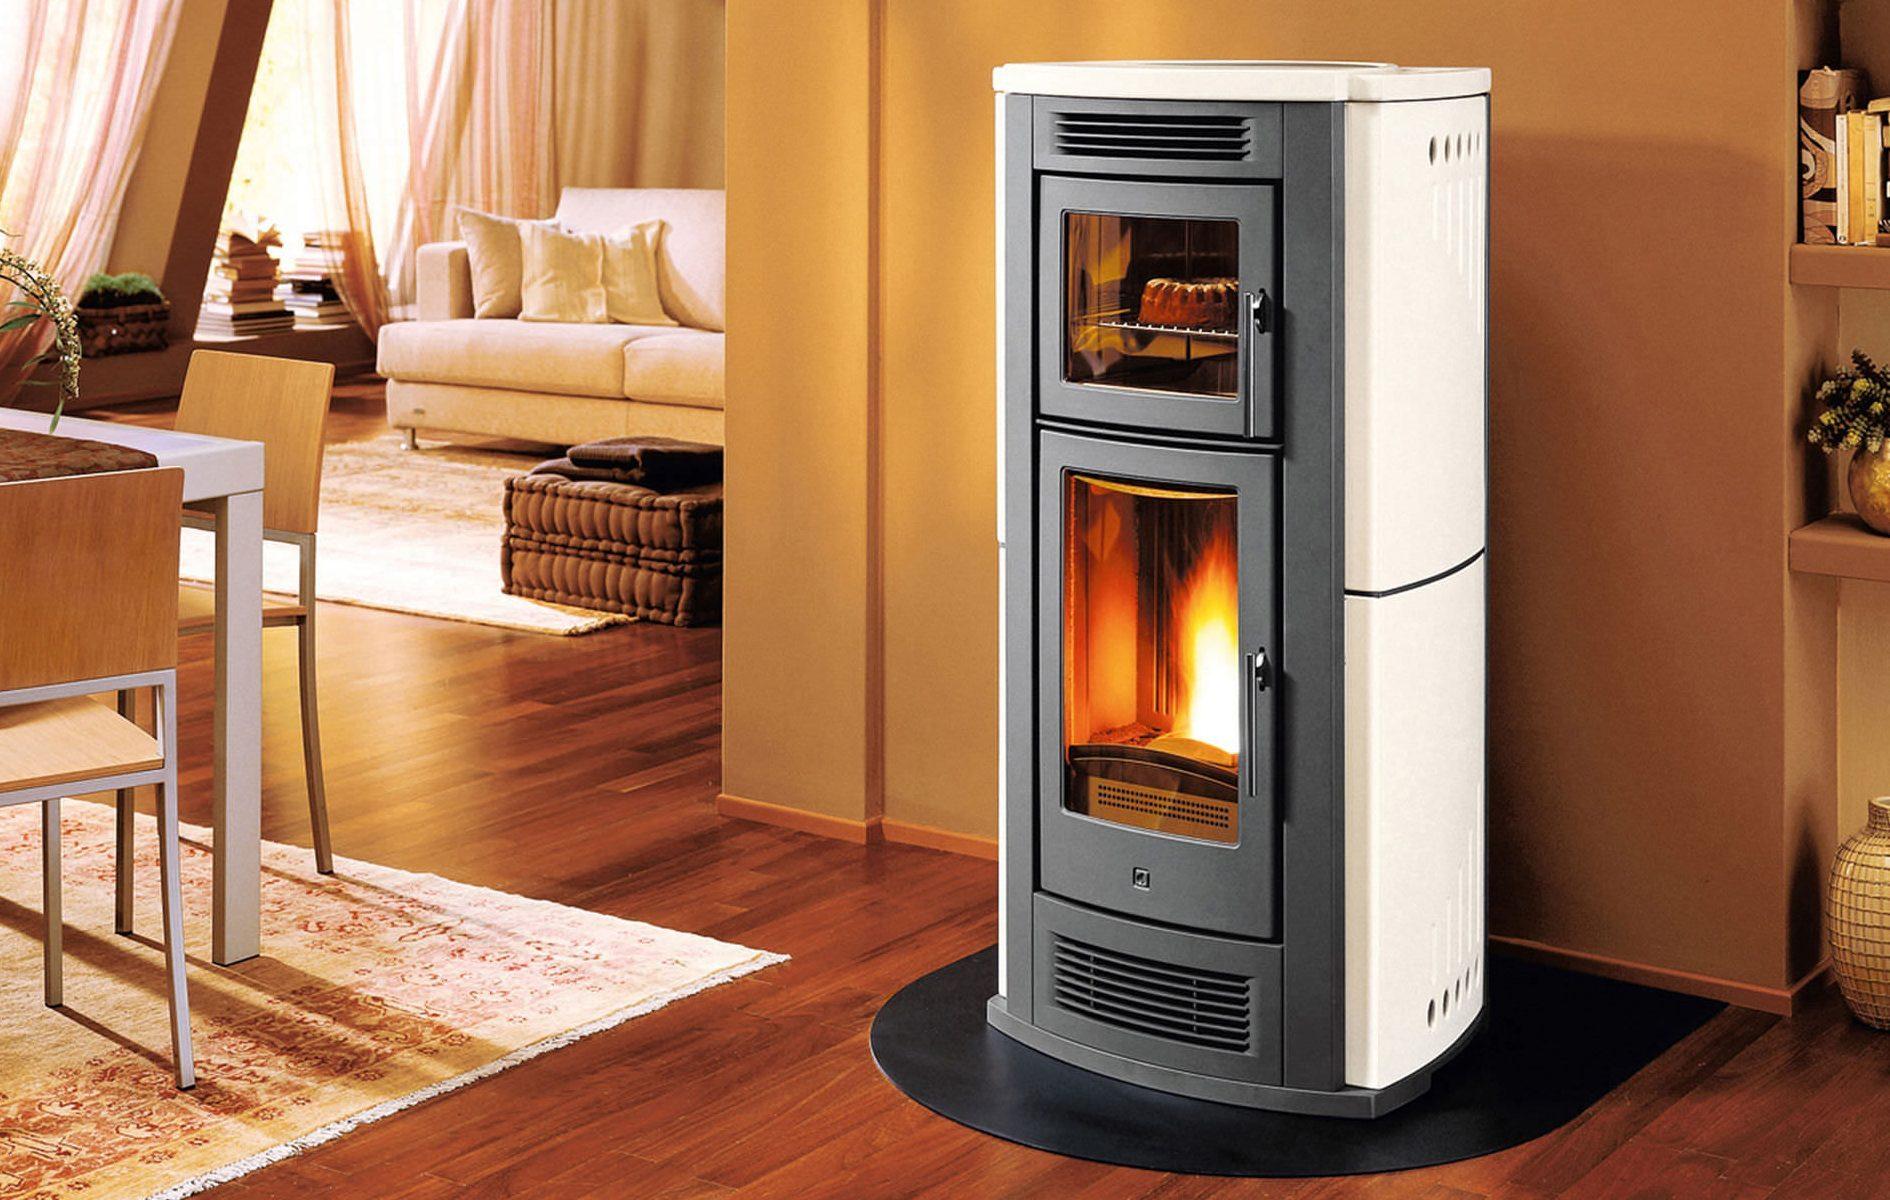 indoor-pellet-stove-e1476956305872-8614587